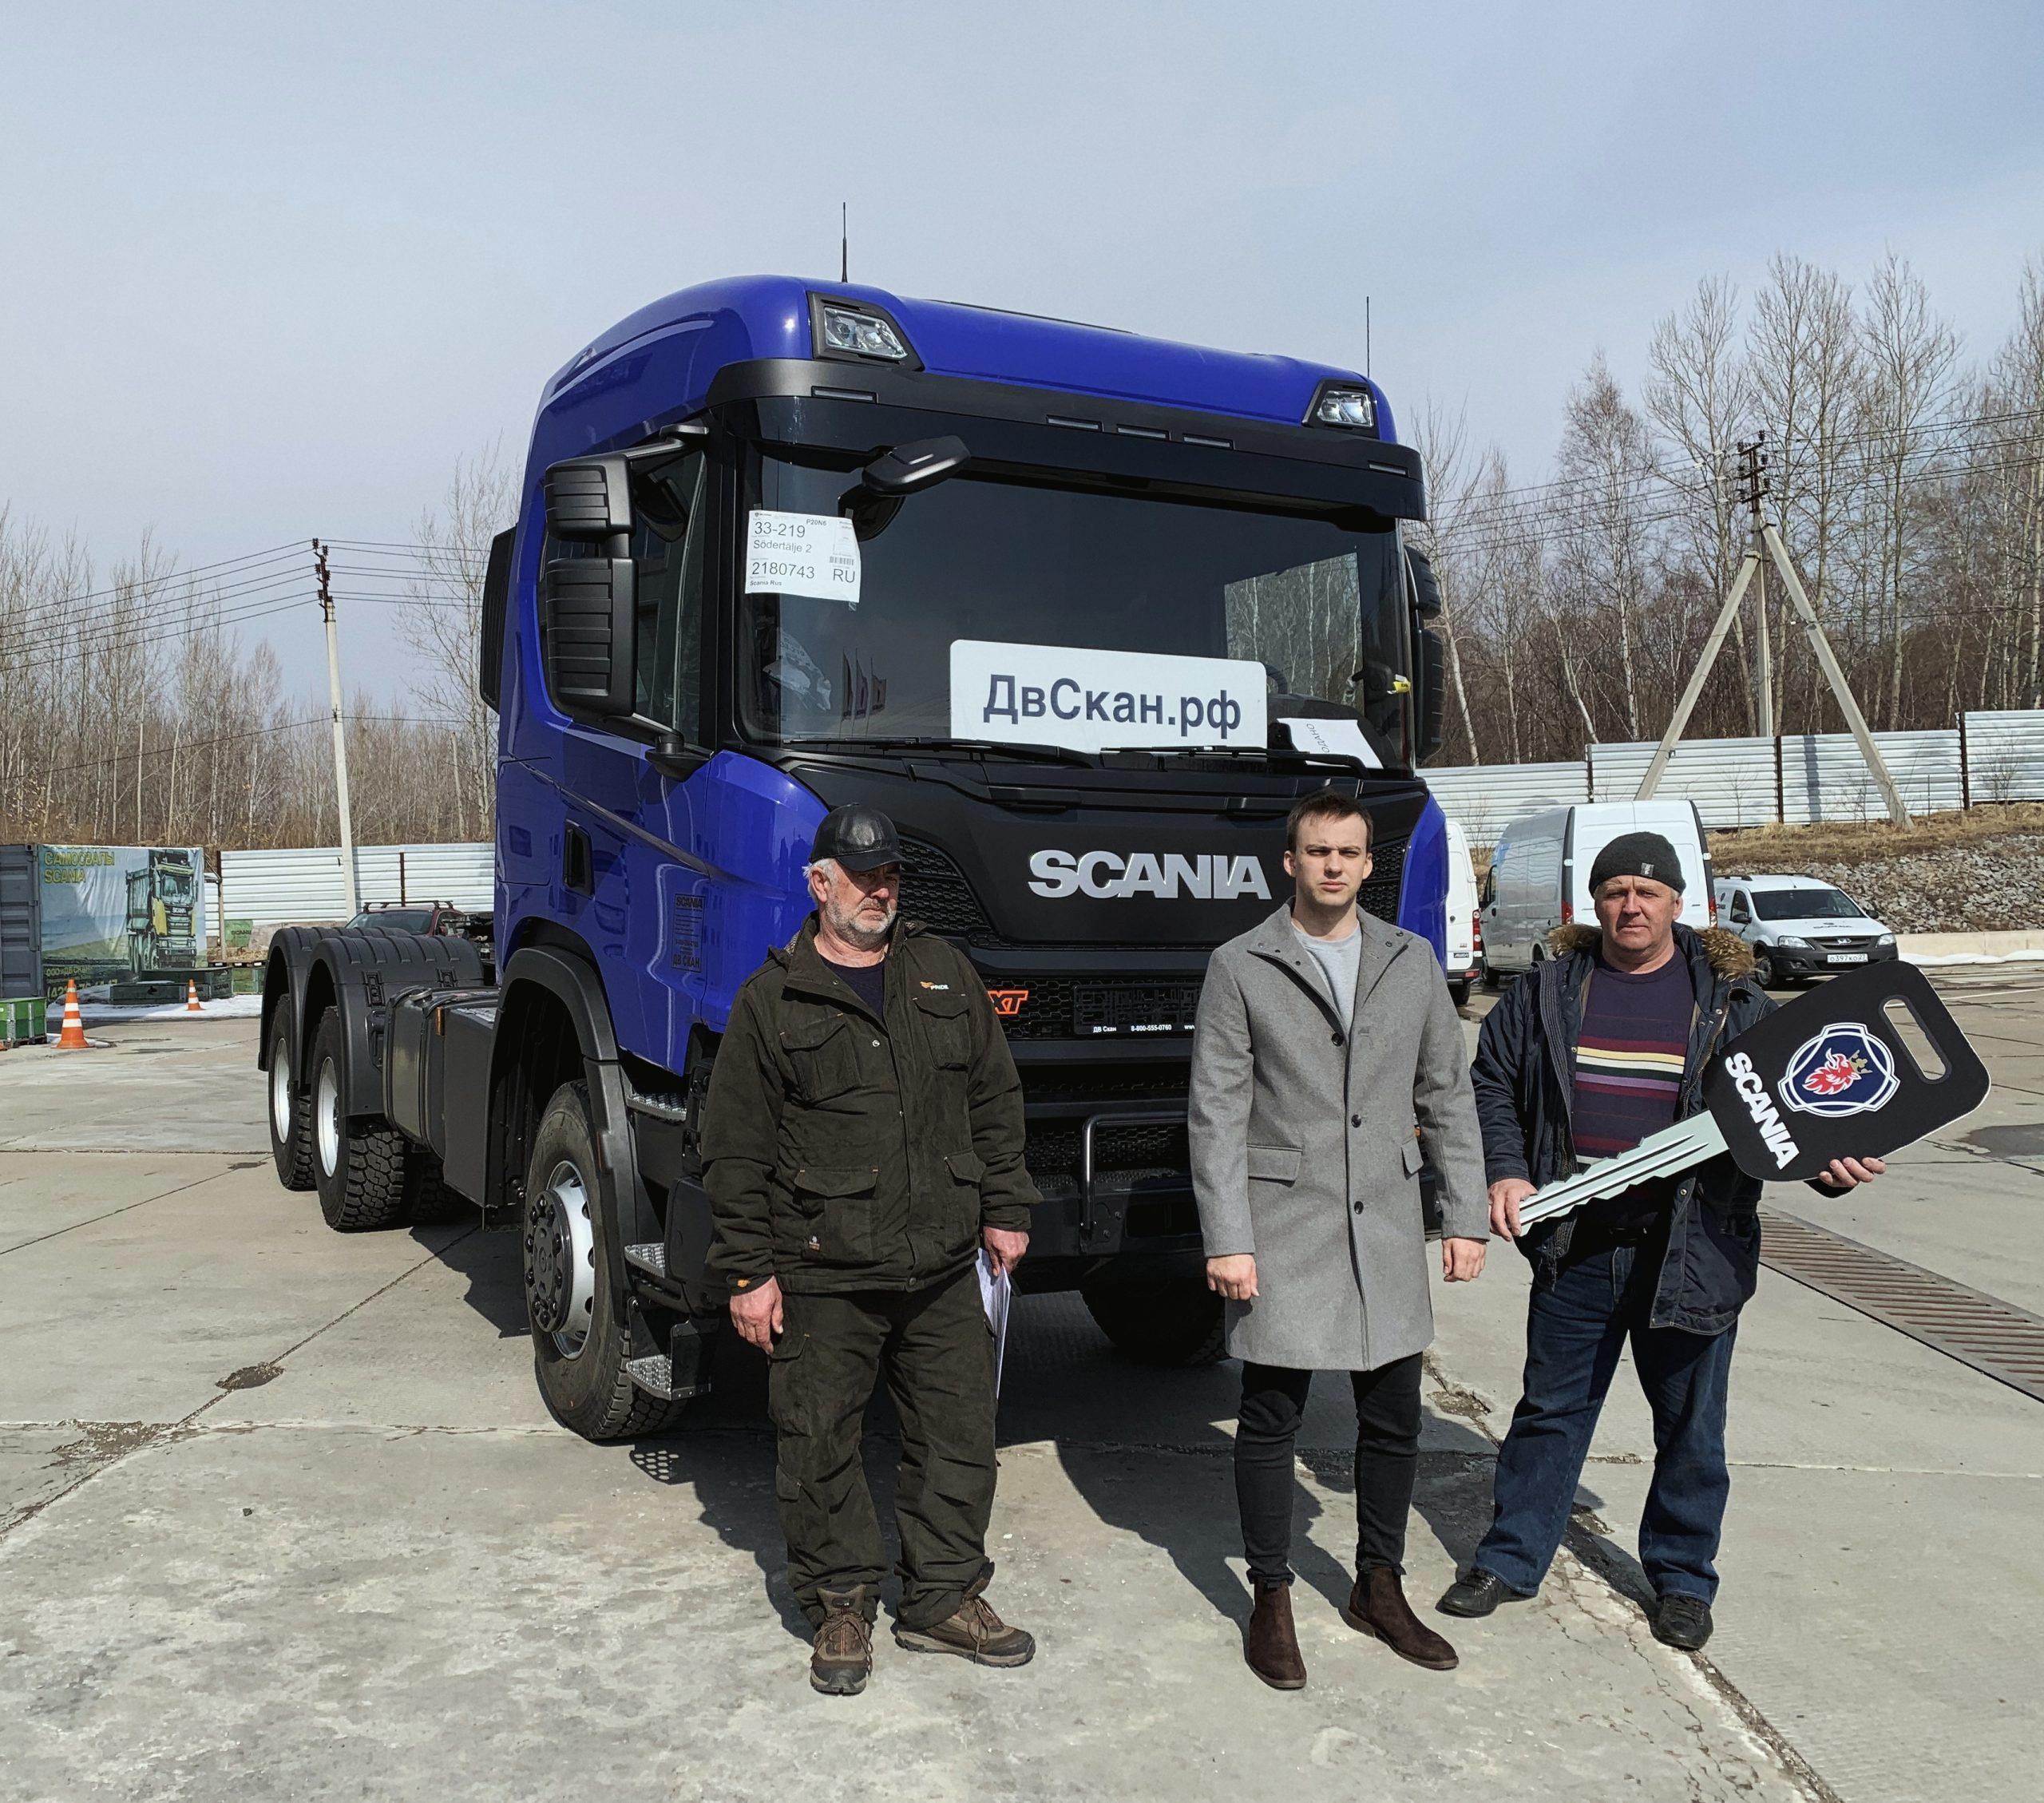 Тягачи скания 6х6 дв скан продажа Scania ДВ Скан благовещенск хабаровск нерюнгри магадан тягачи вольво тягачи мерседес вольво рено ивеко